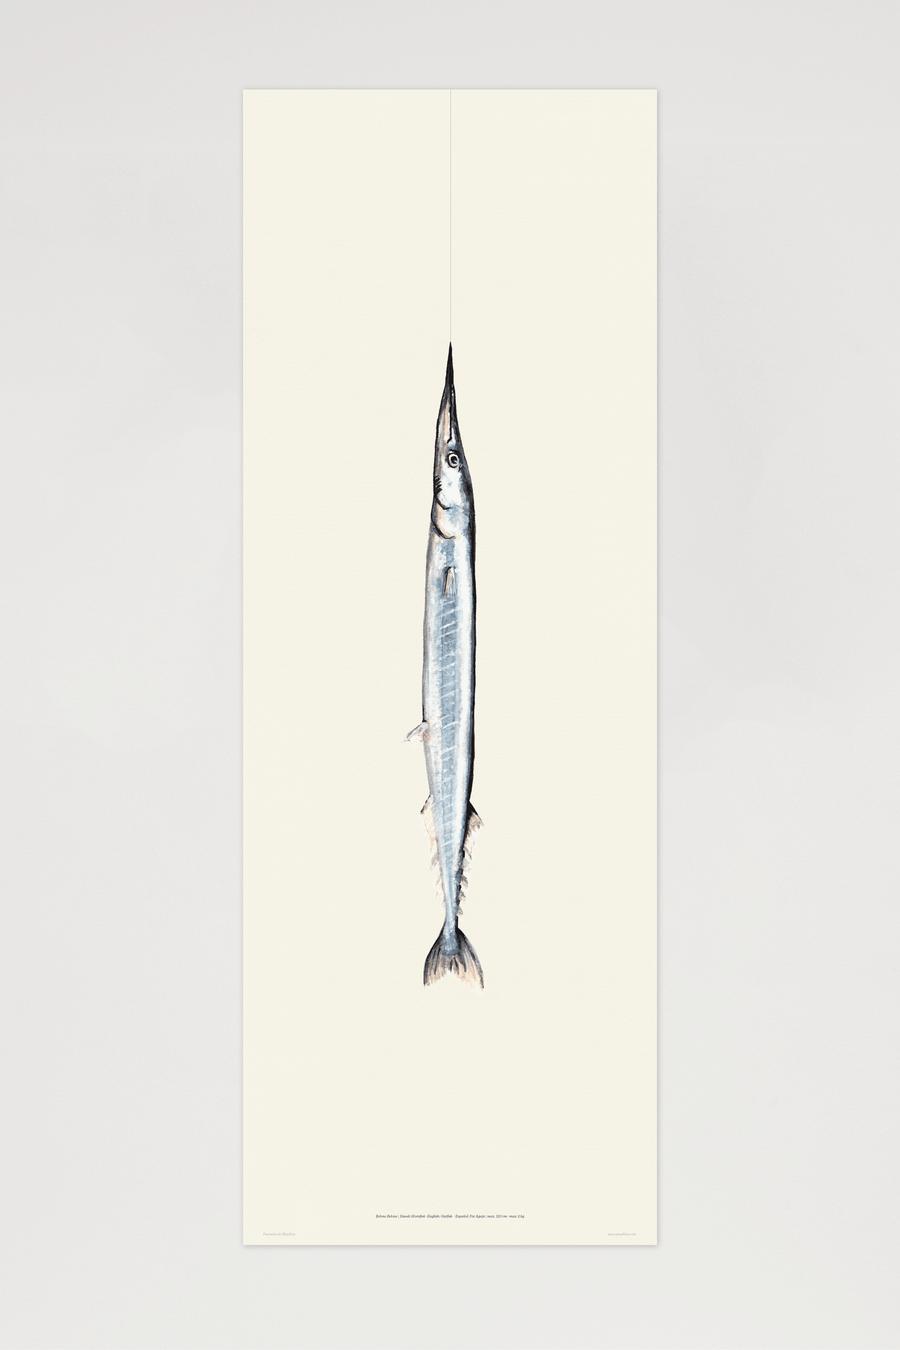 Image of El Hornfisk